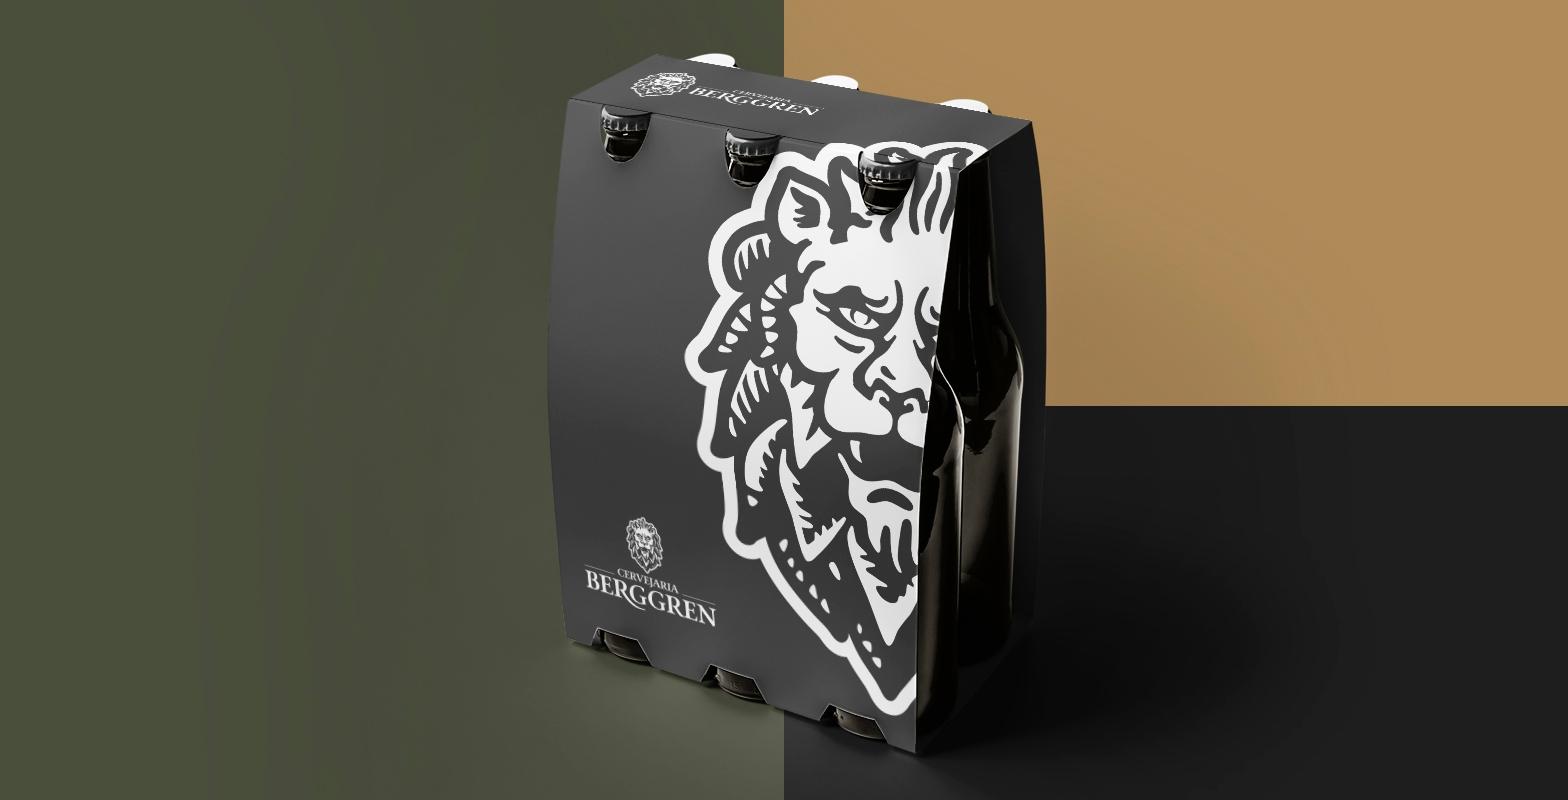 Berggren Bier - Identidade visual e Branding (3)